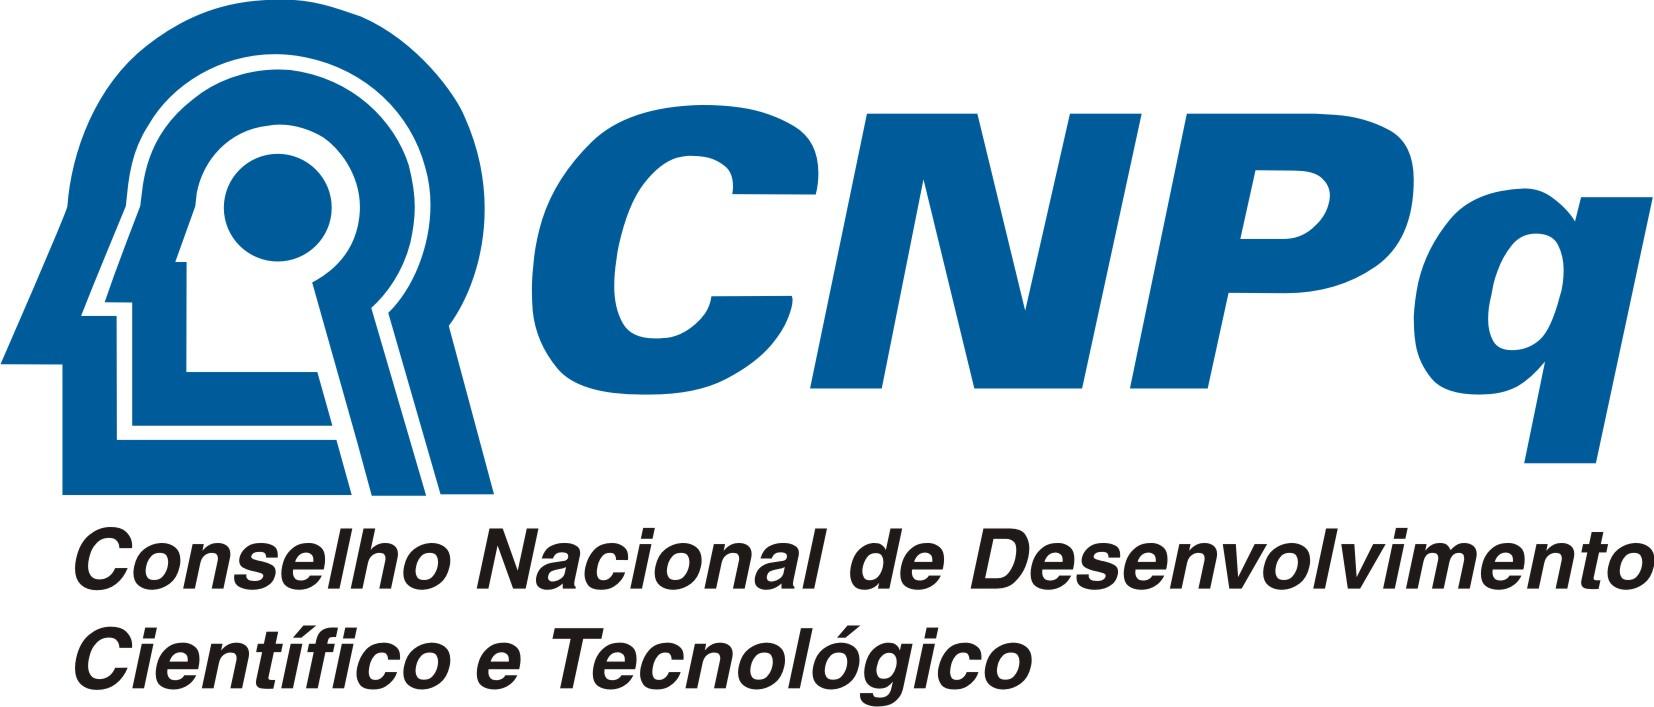 cnpq2